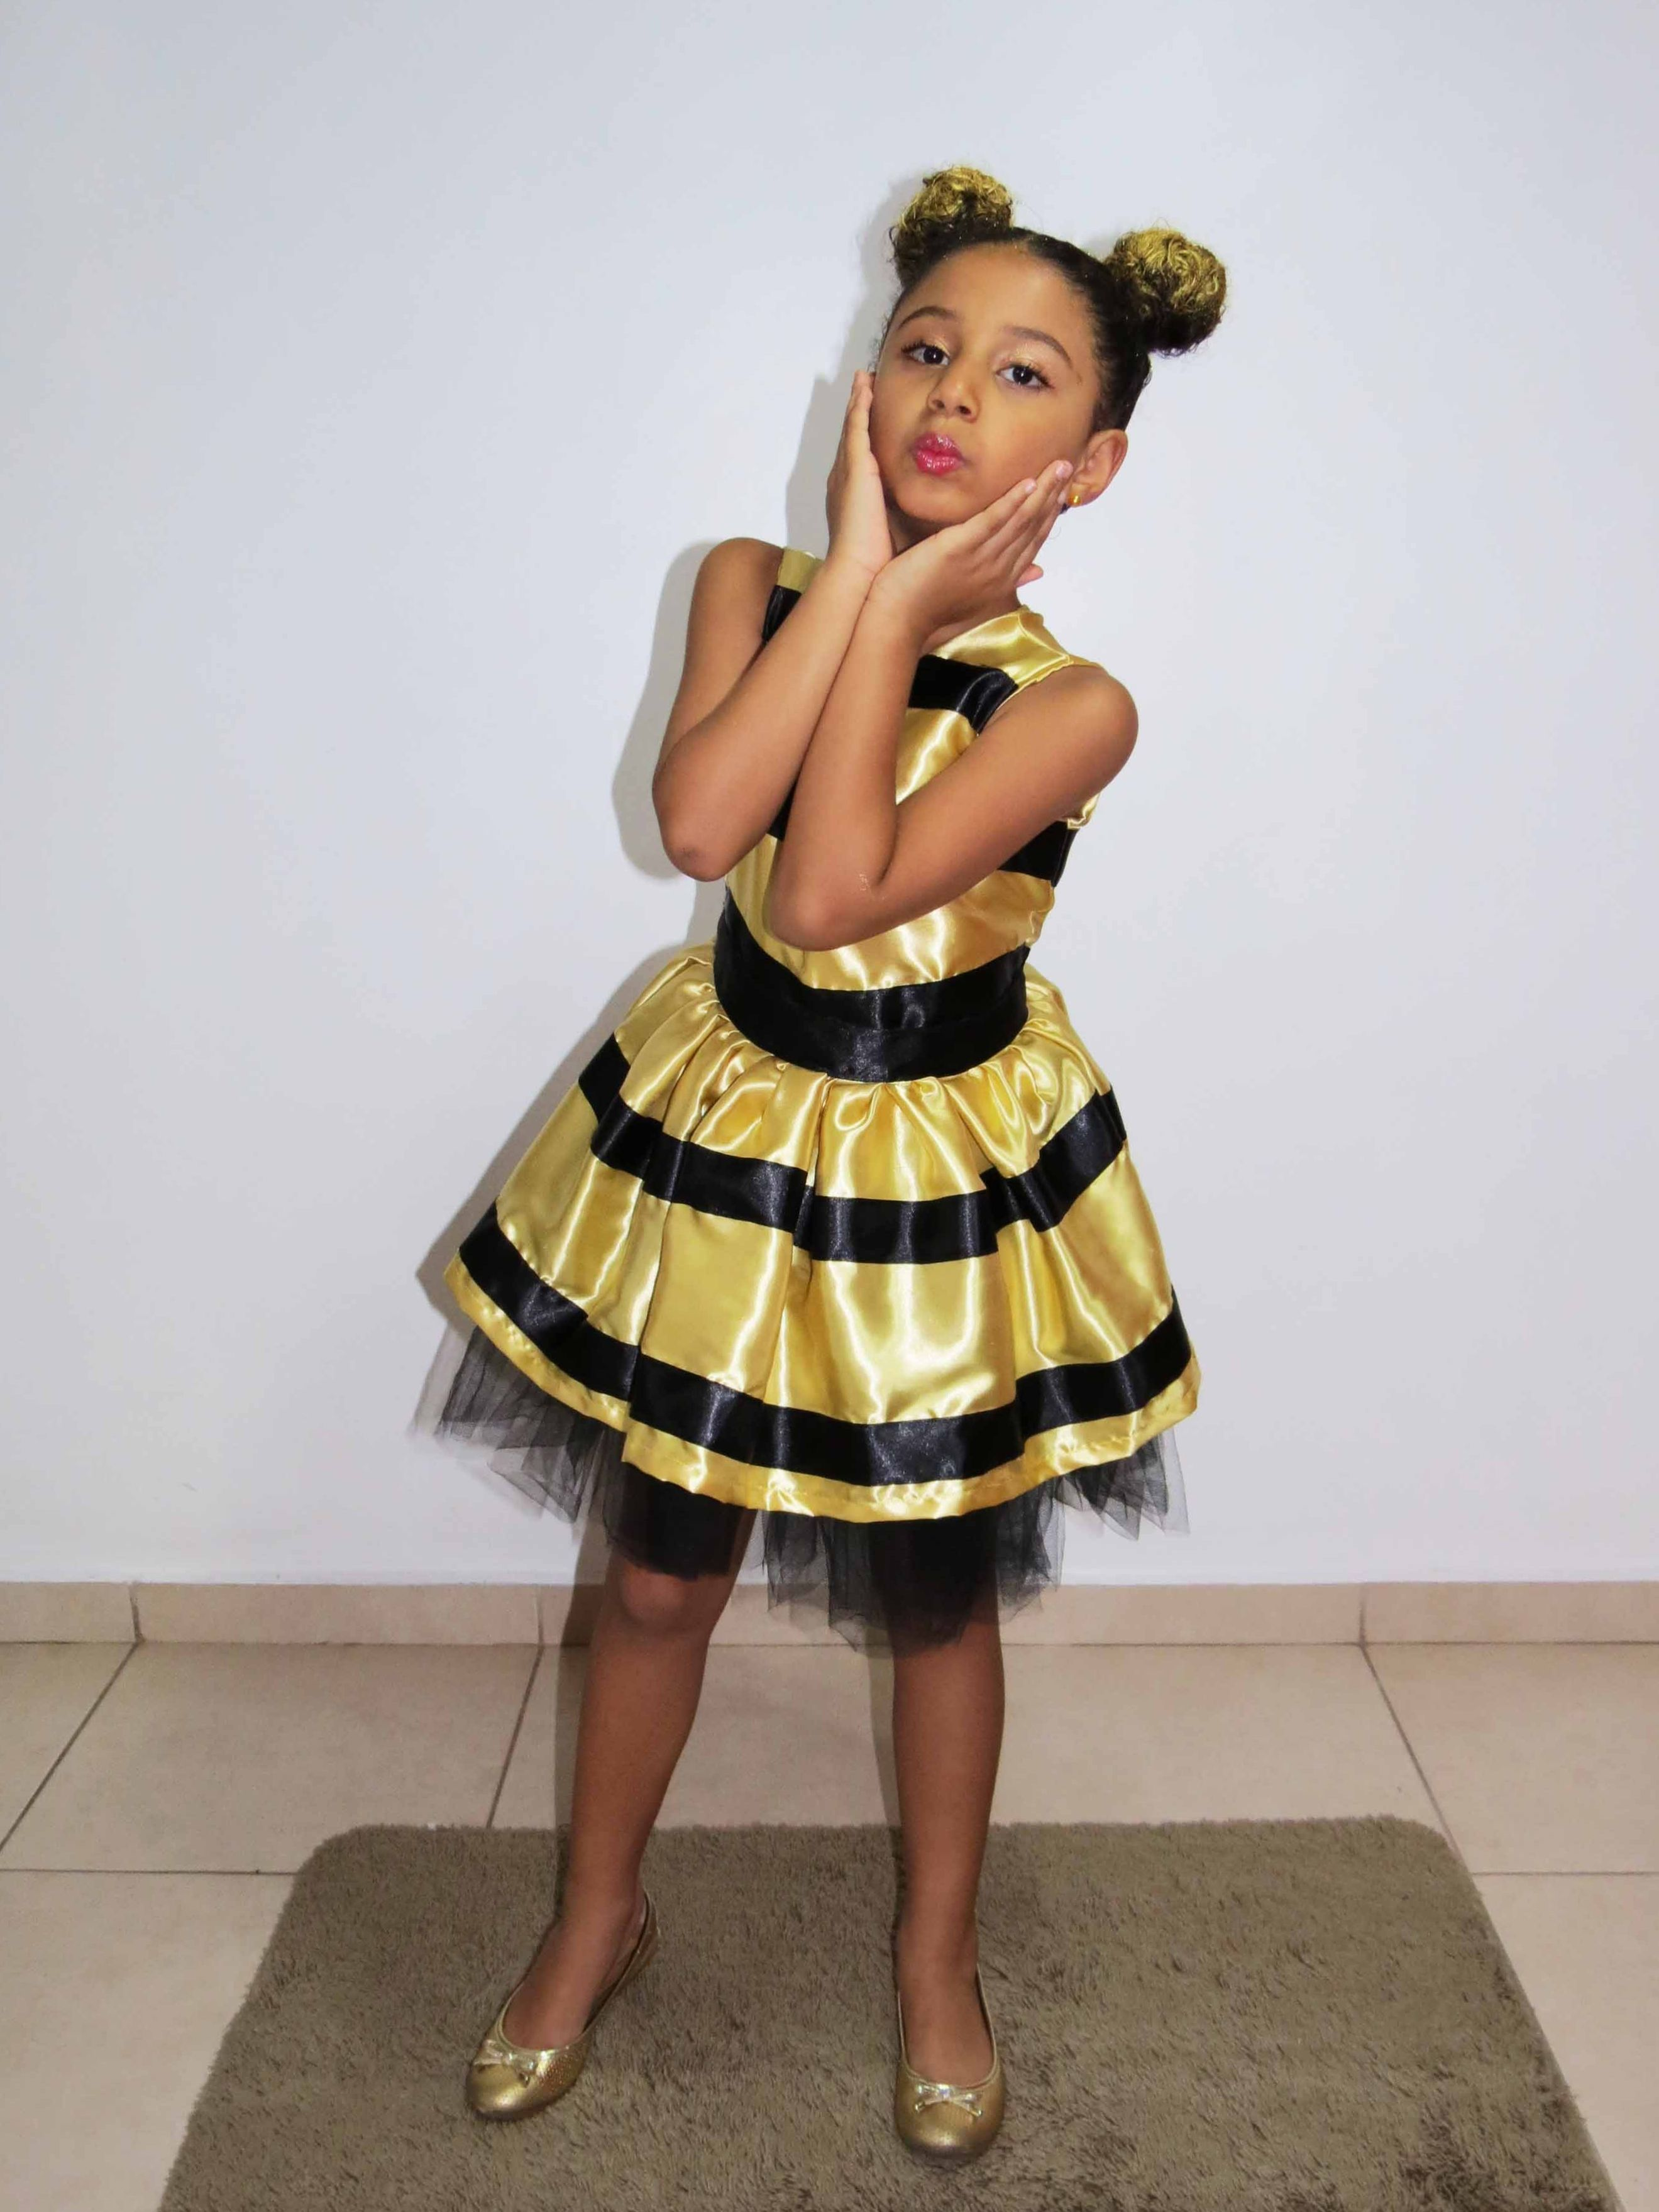 69df27d0fd Fantasia da Queen Bee feita em Santo André - SP pela costureira Jany  998444140